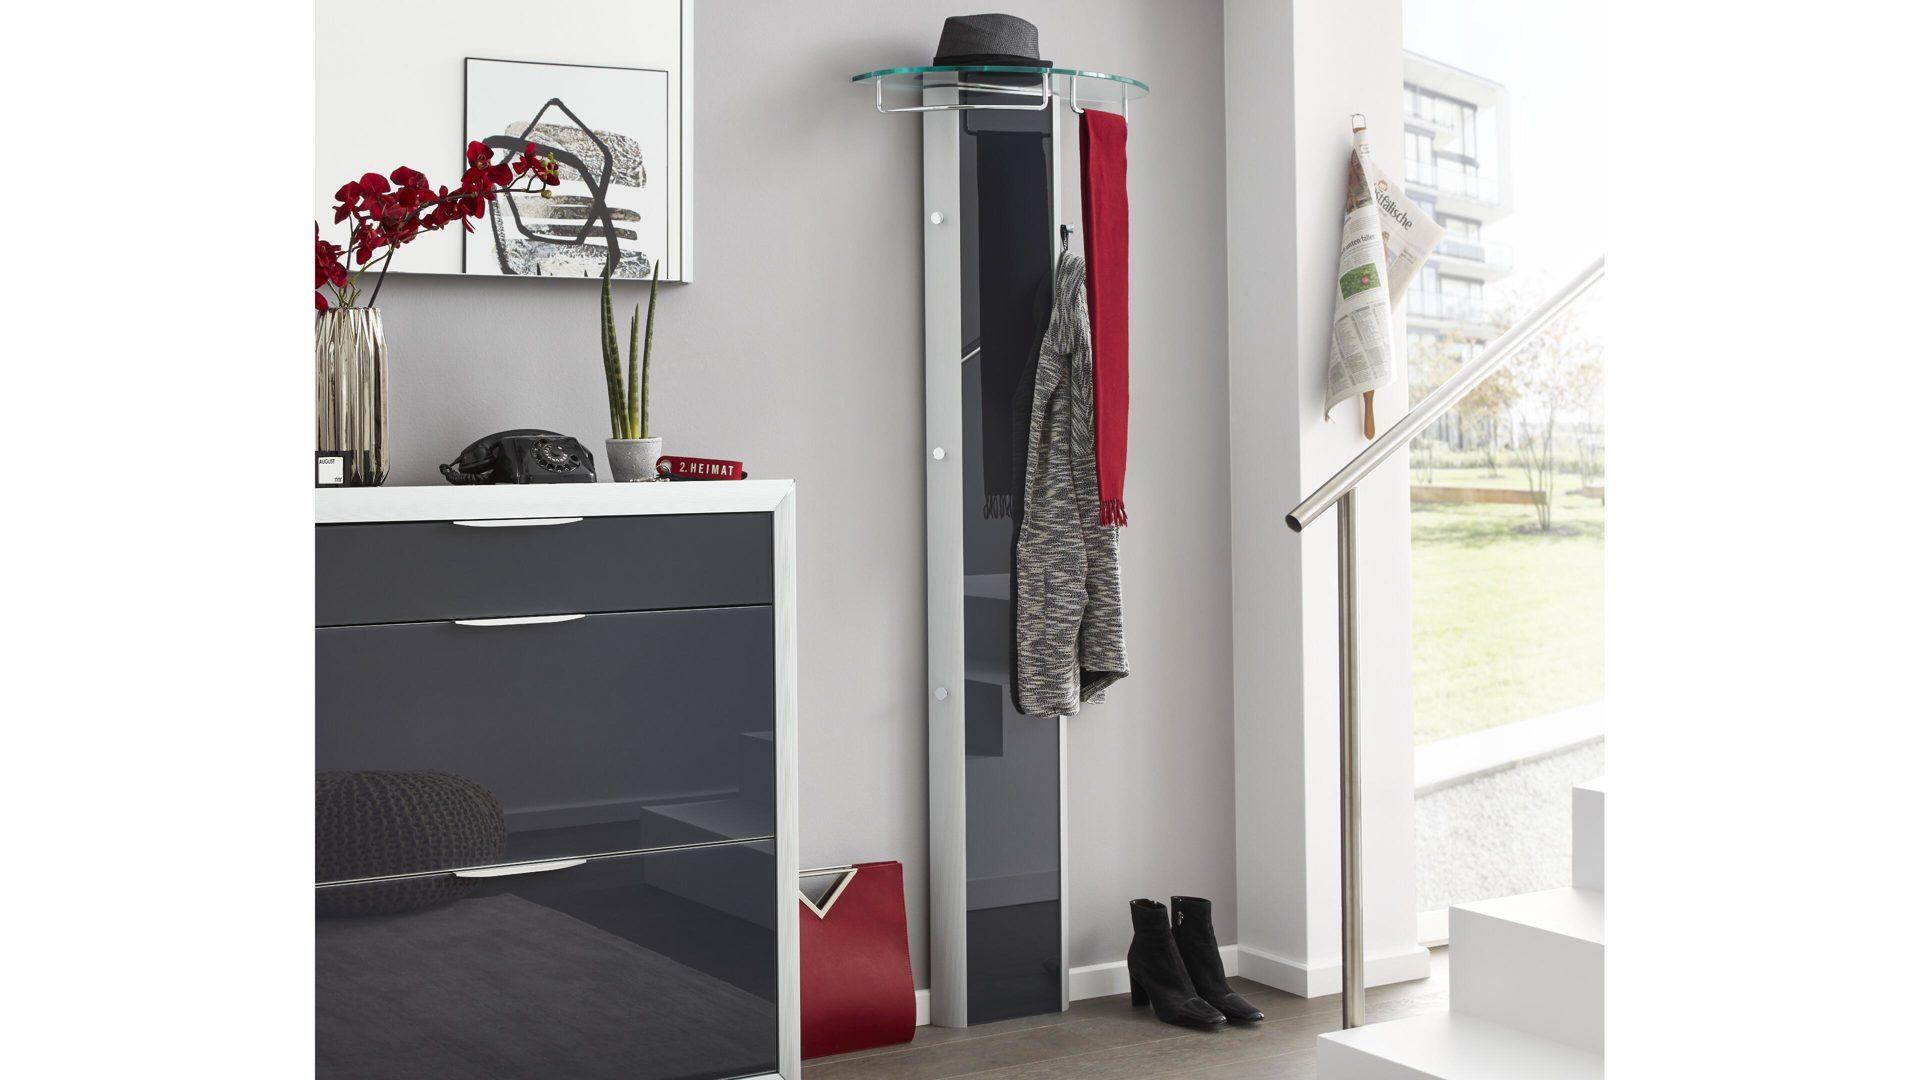 Mobel Bernskotter Mulheim Raume Flur Diele Garderoben